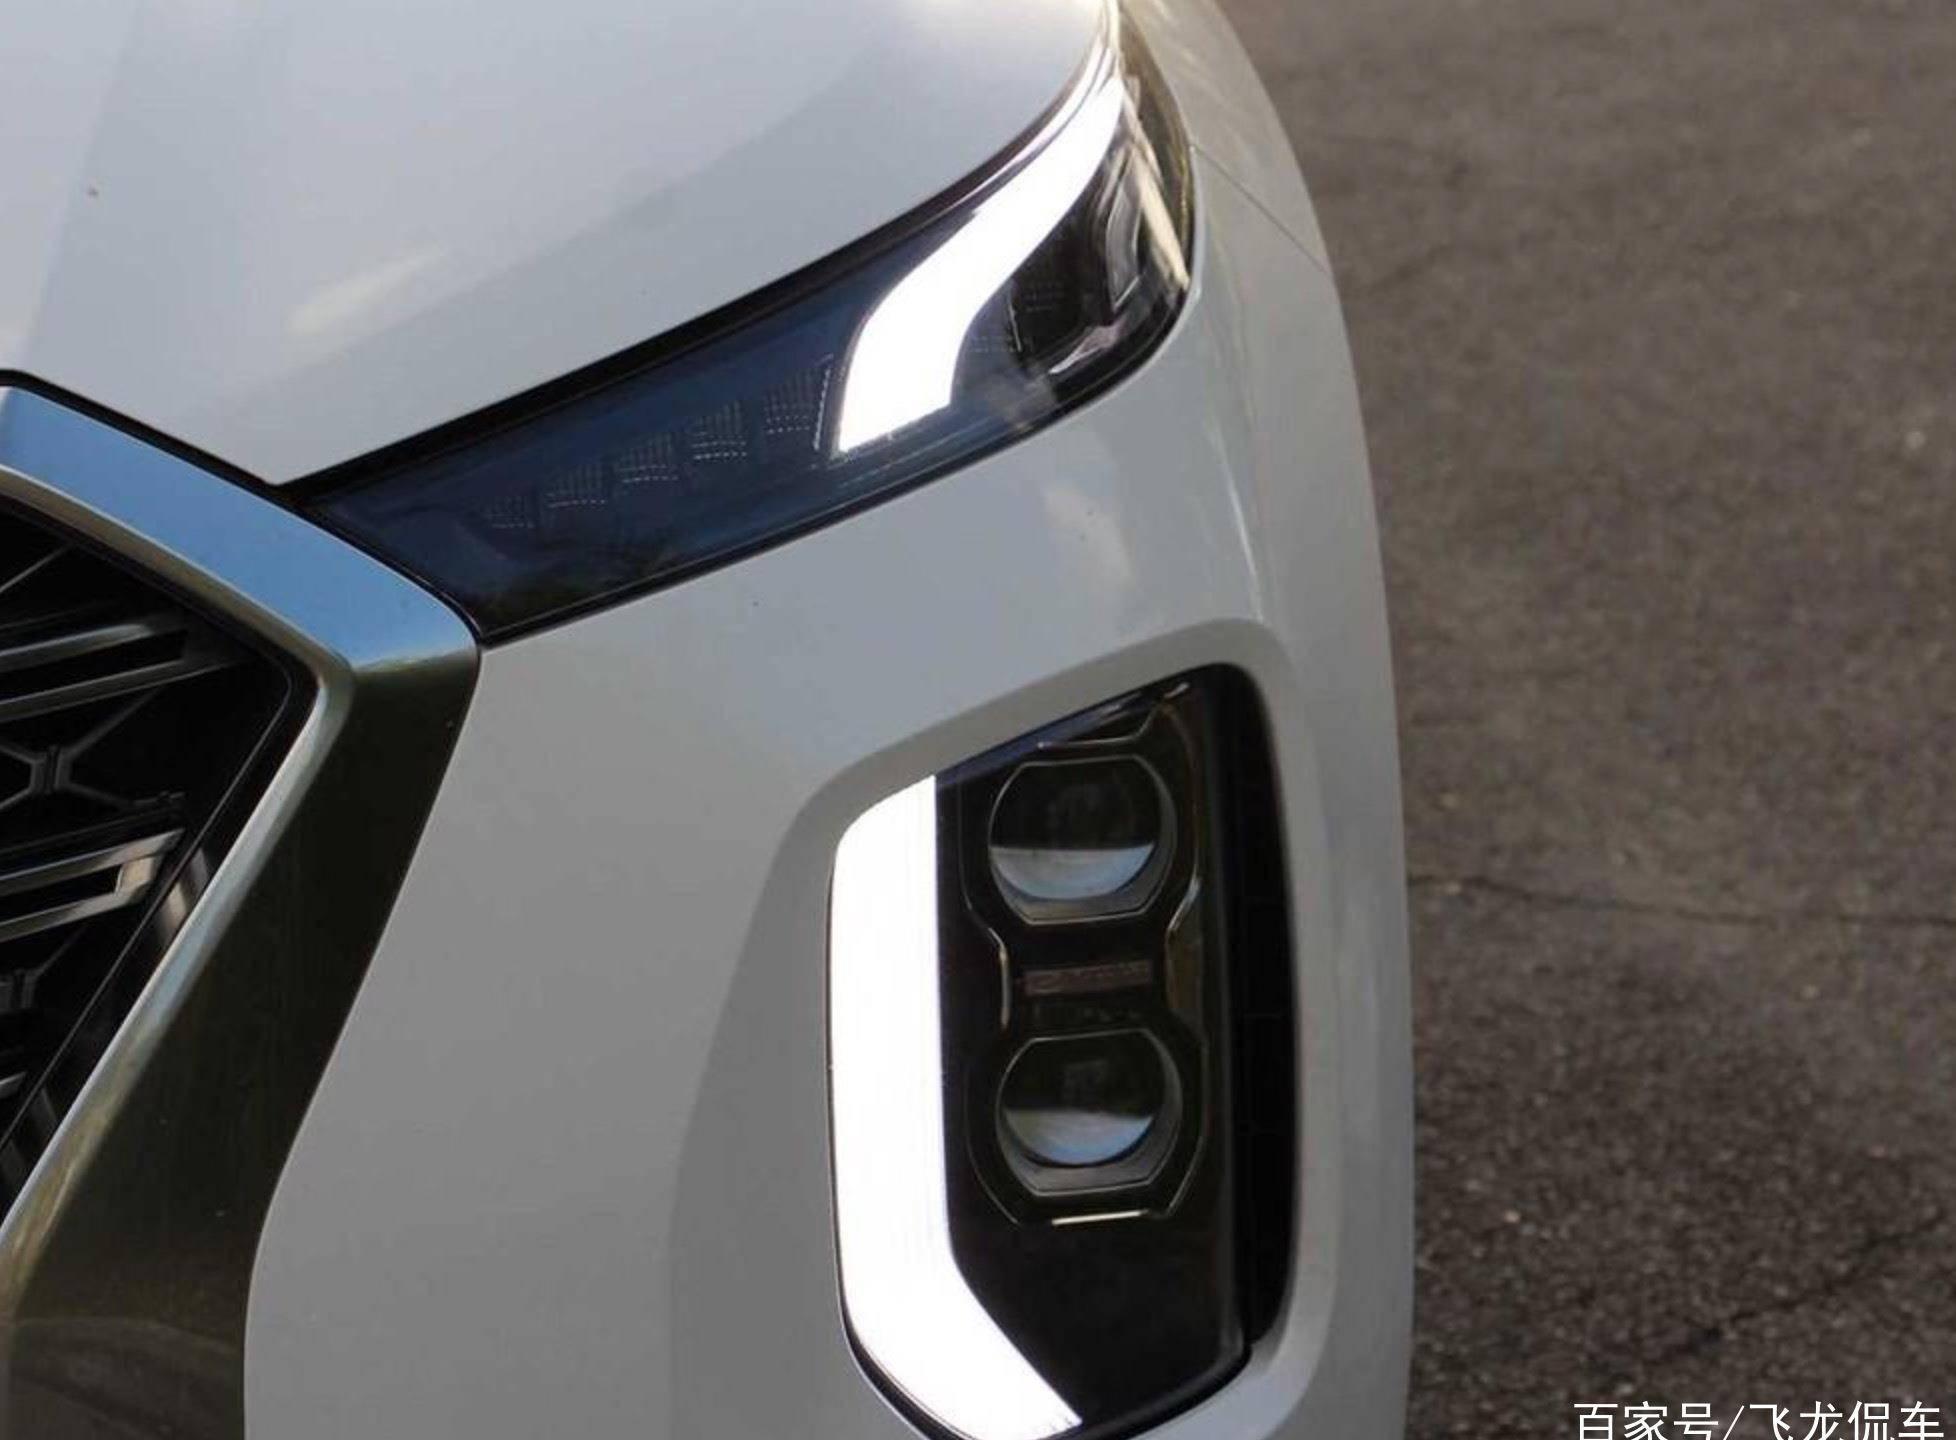 又一款原装硬核SUV热卖,纯进口大7座3.8升自吸,27.26万起